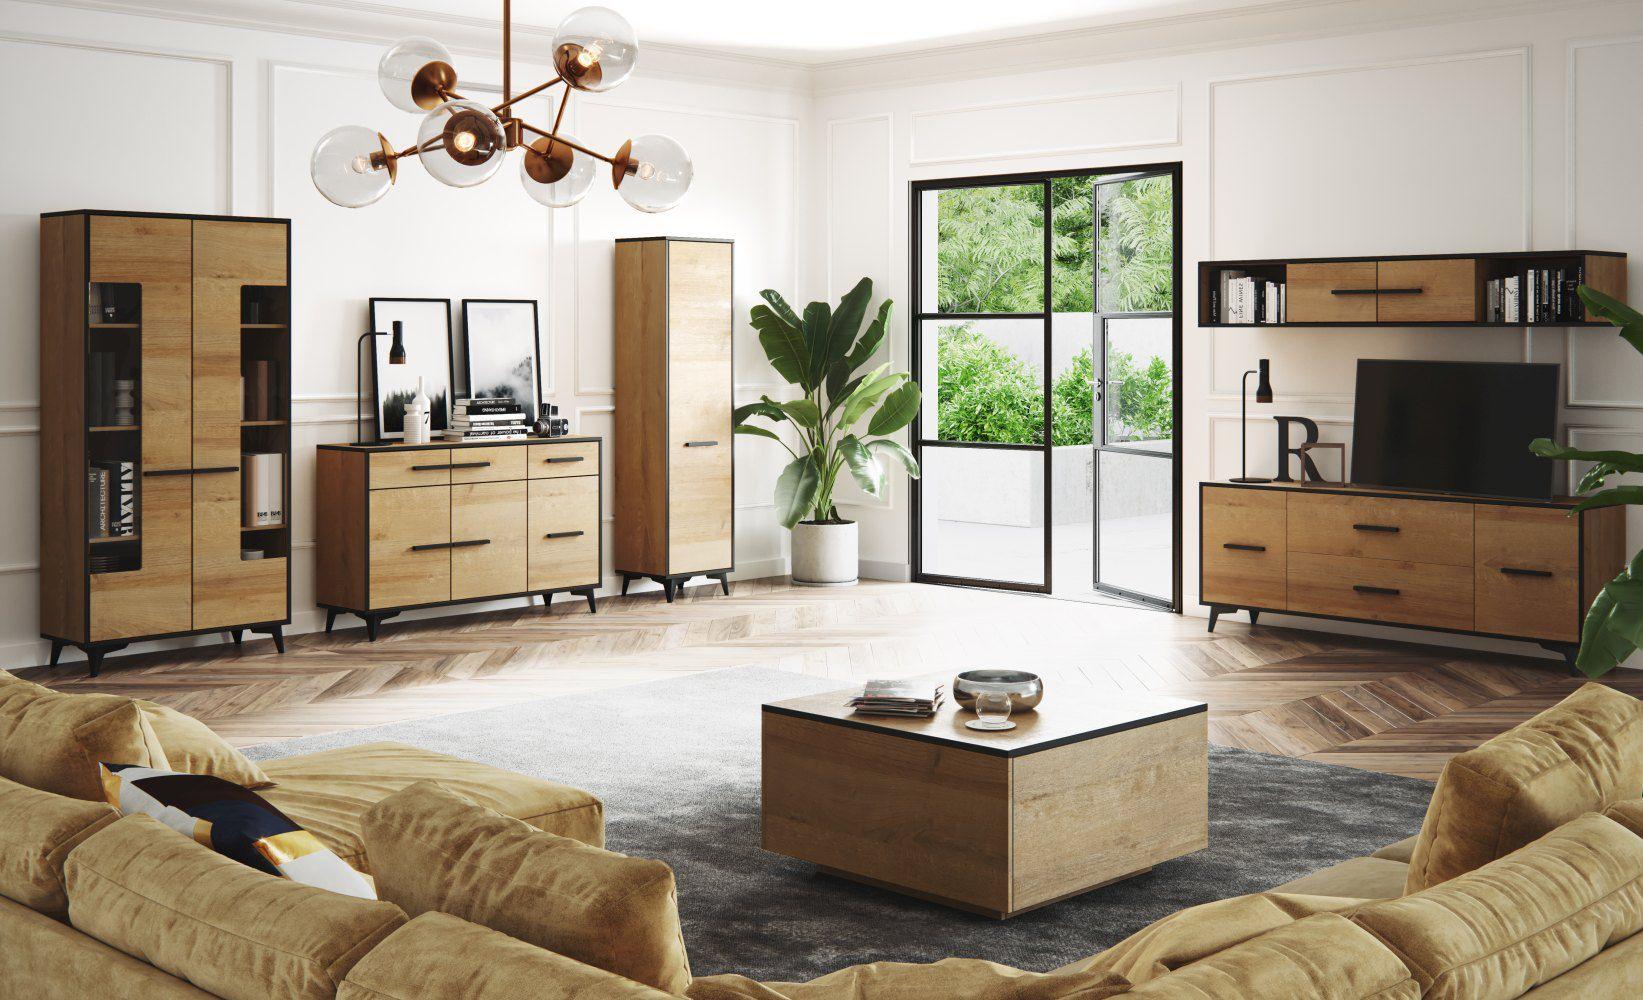 Wohnzimmer Komplett - Set B Altels, 6-teilig, Farbe: Riviera Eiche / Dunkelbraun